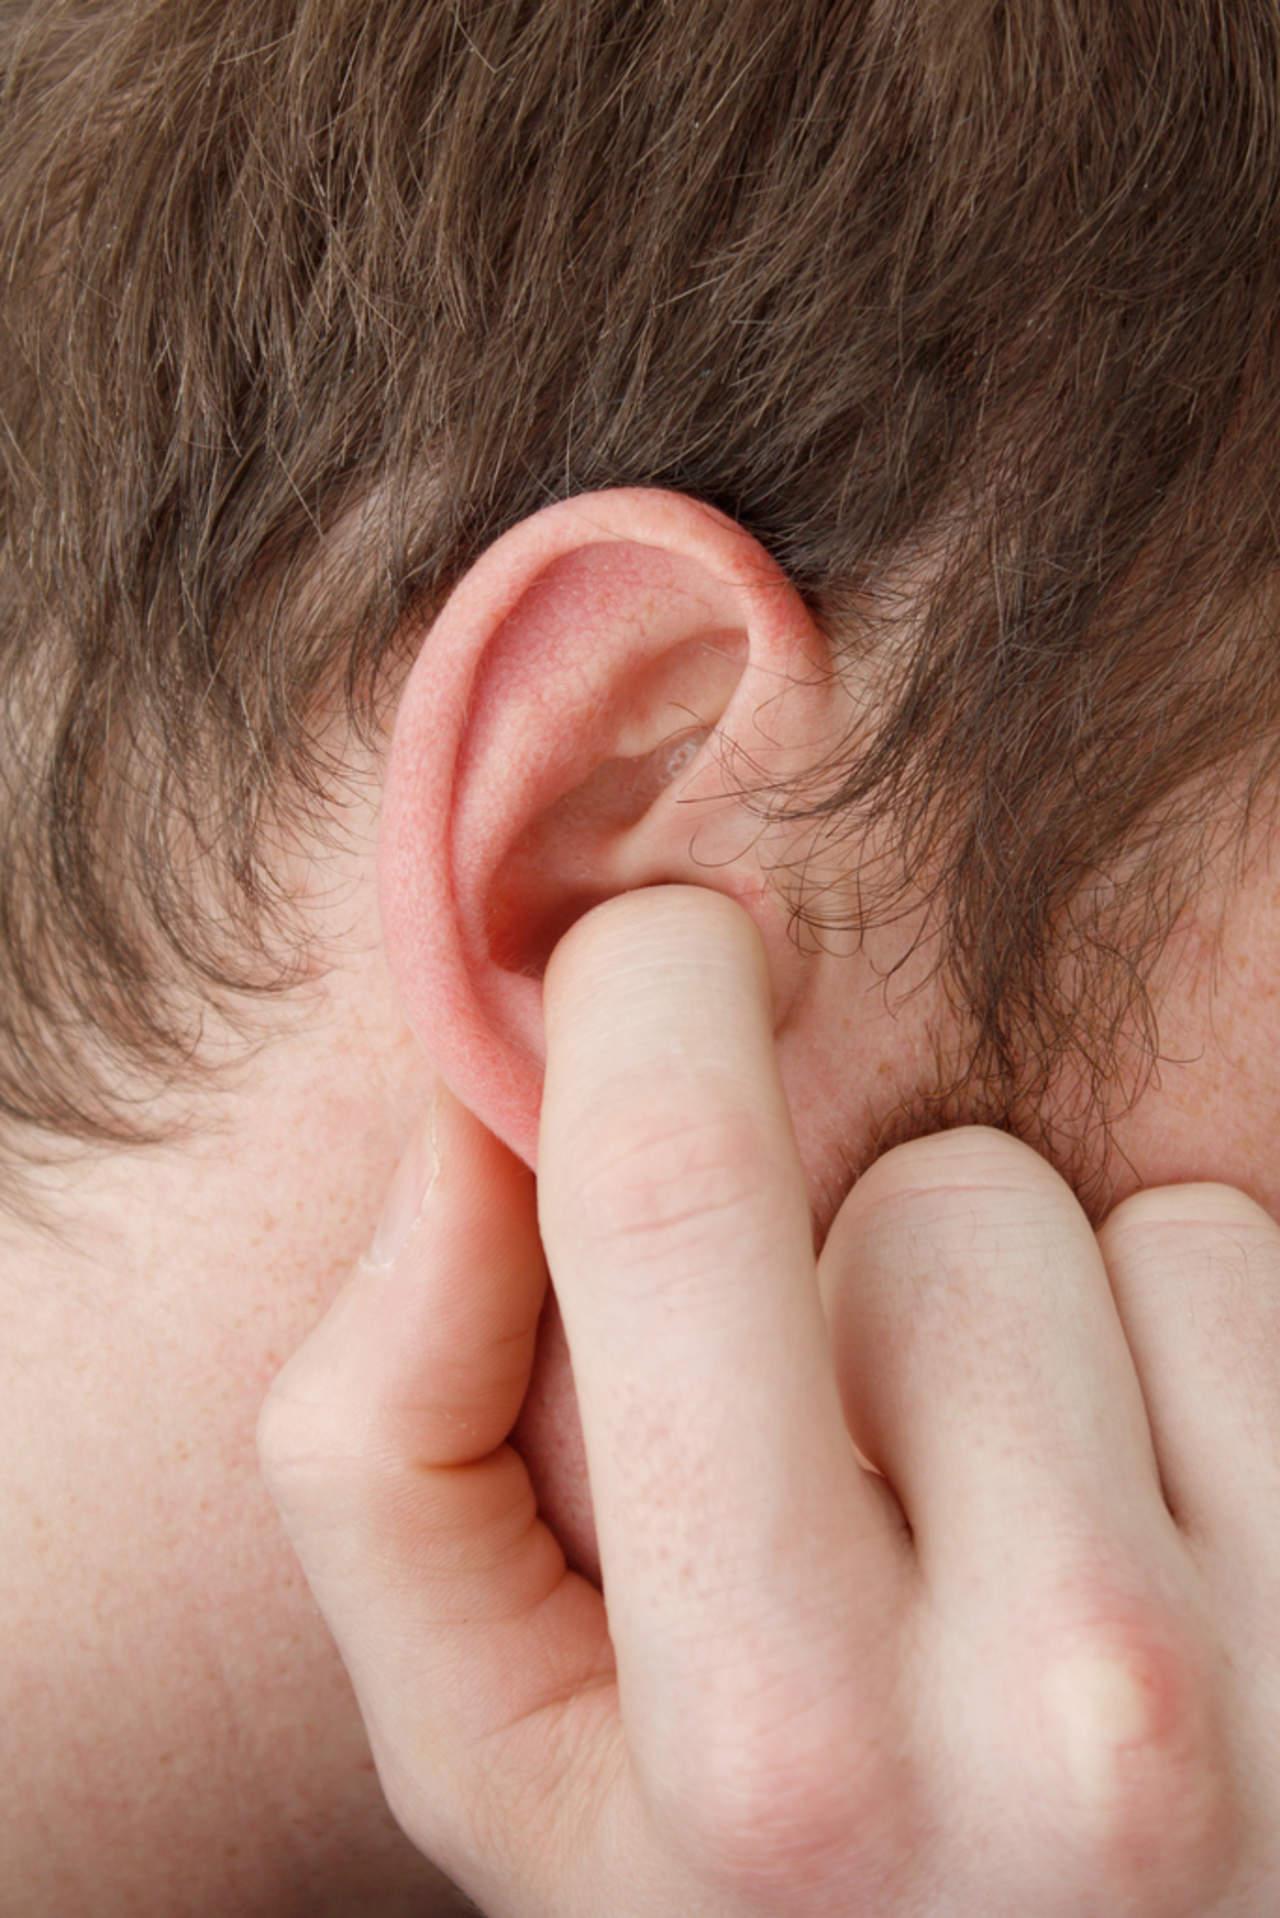 ¿Qué provoca el efecto del oído tapado?